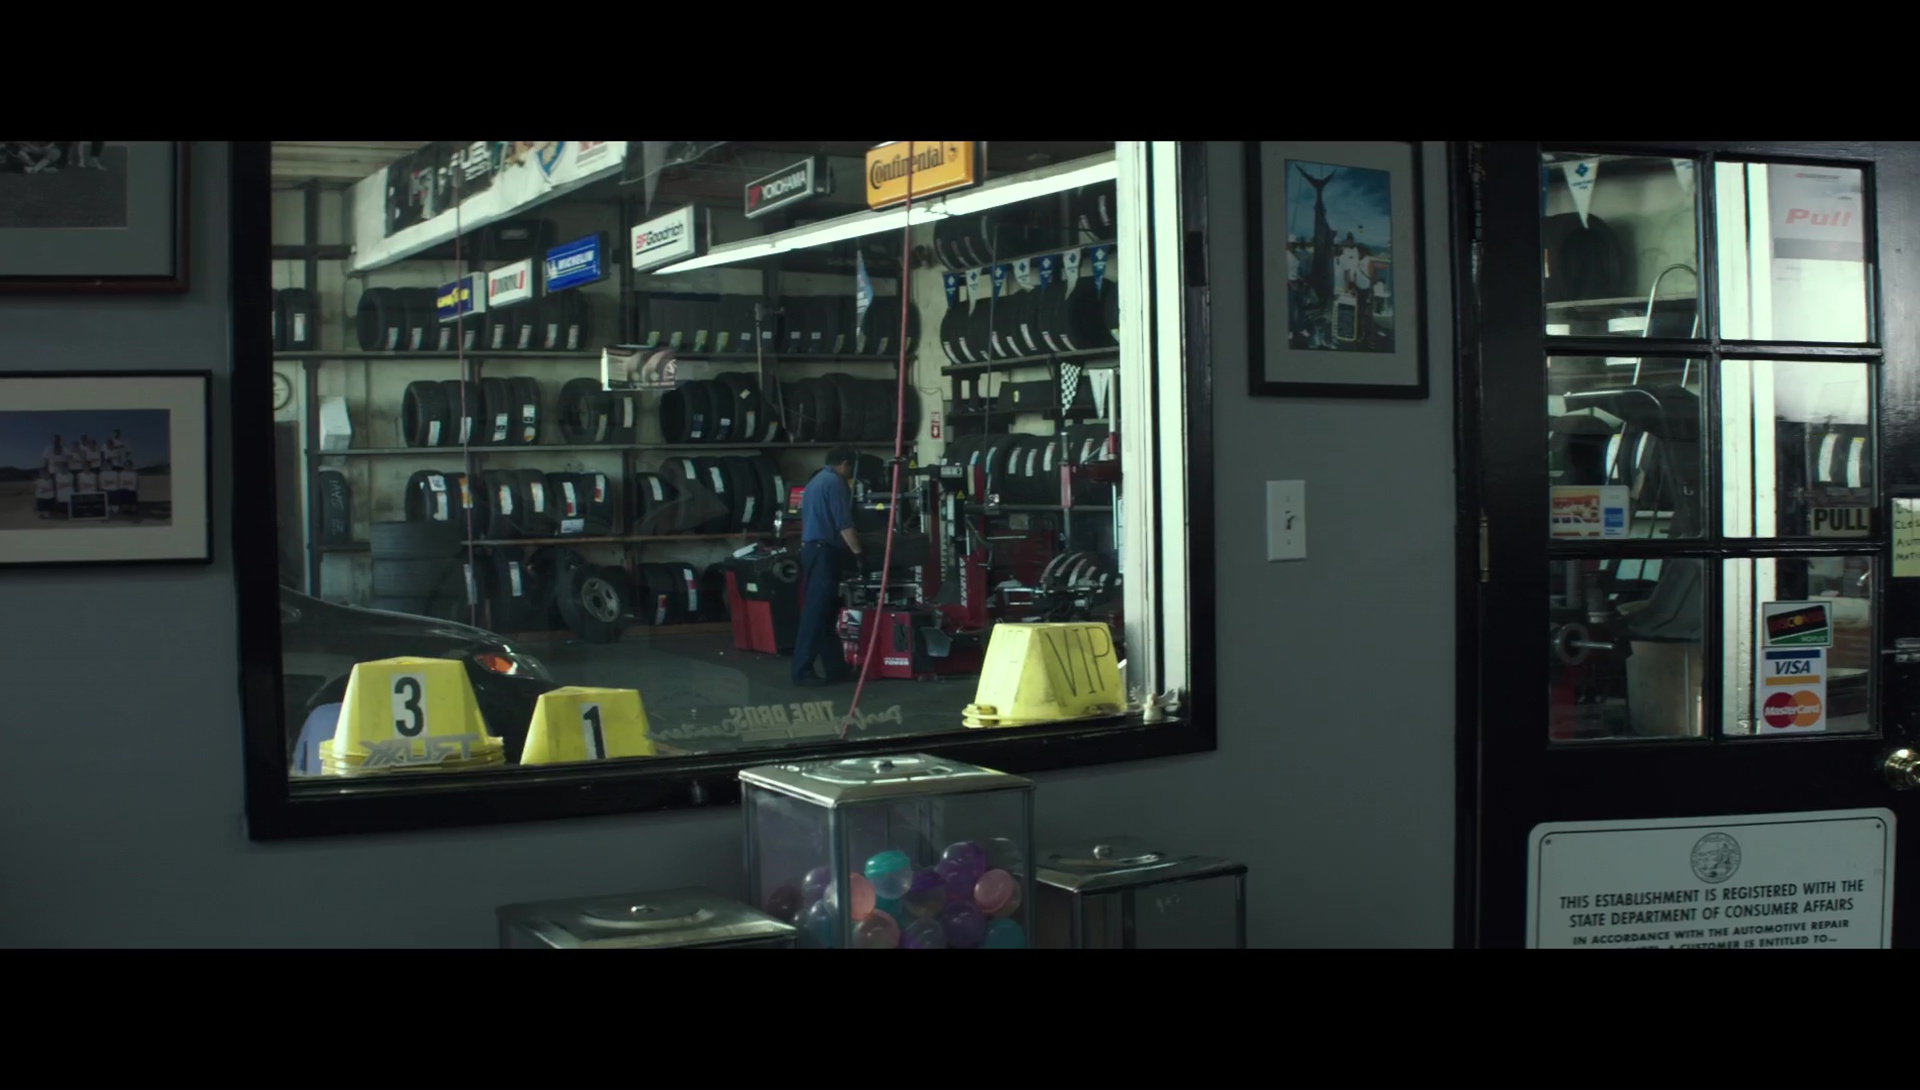 Francotirador 1080p Lat-Cast-Ing 5.1 (2014)